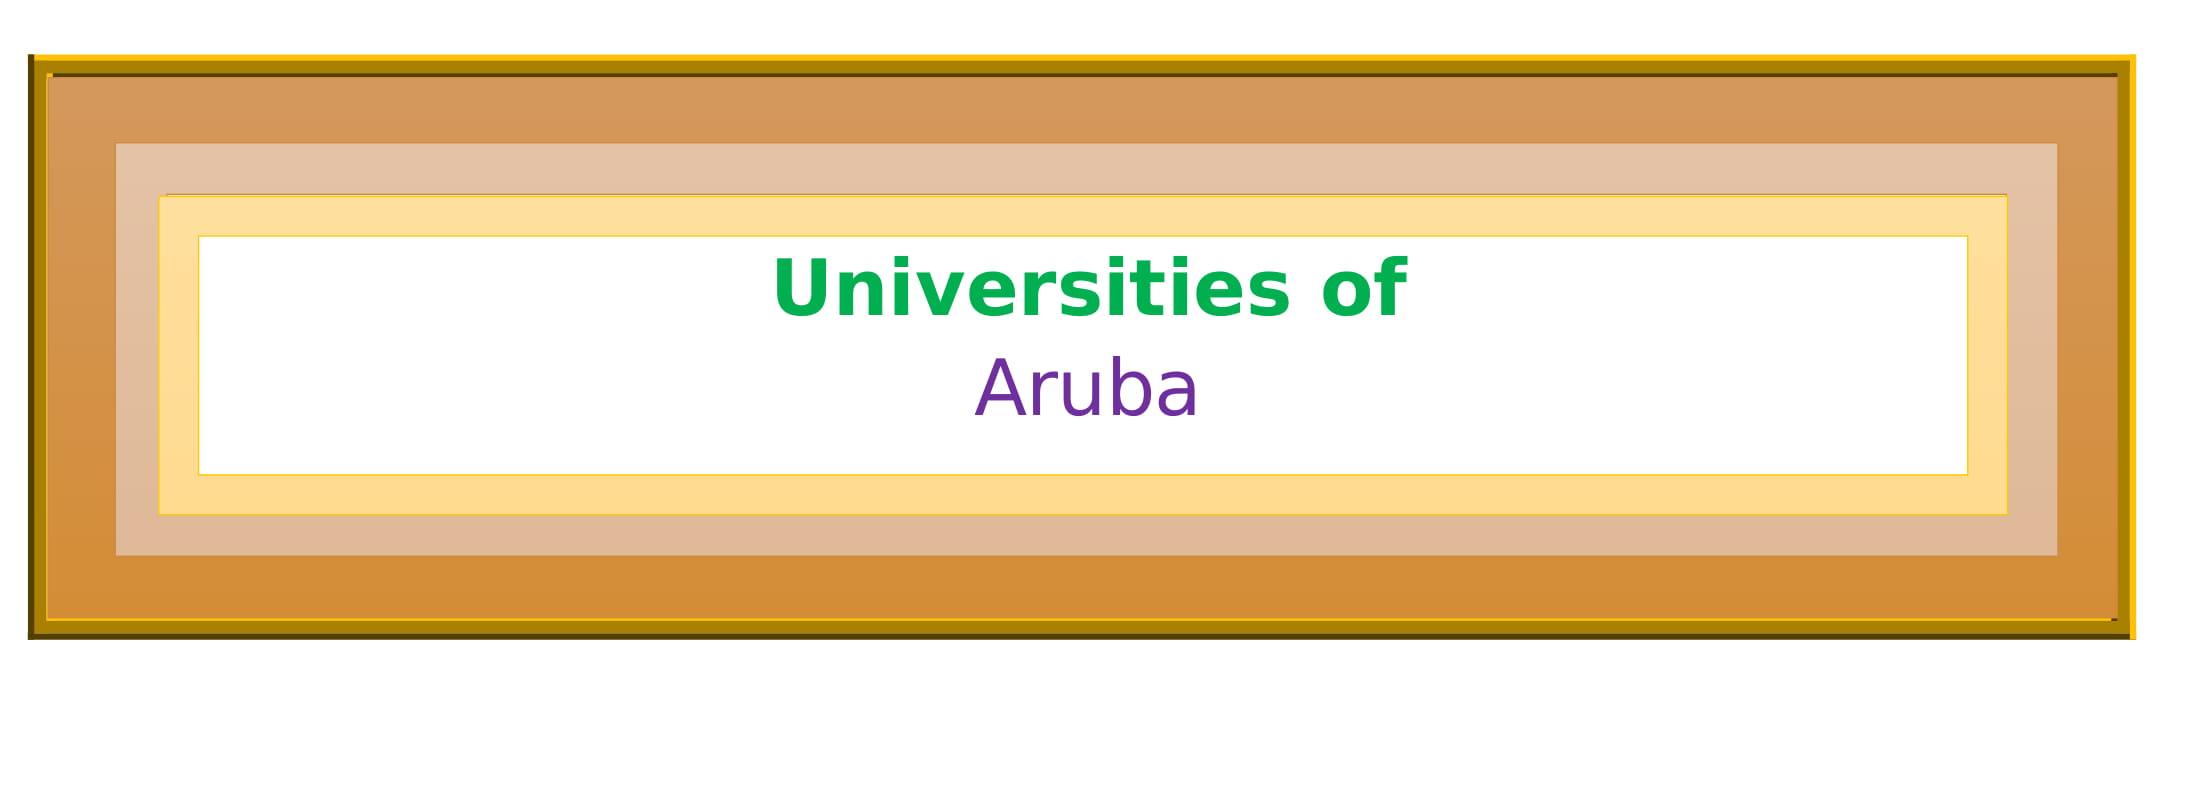 List of Universities in Aruba